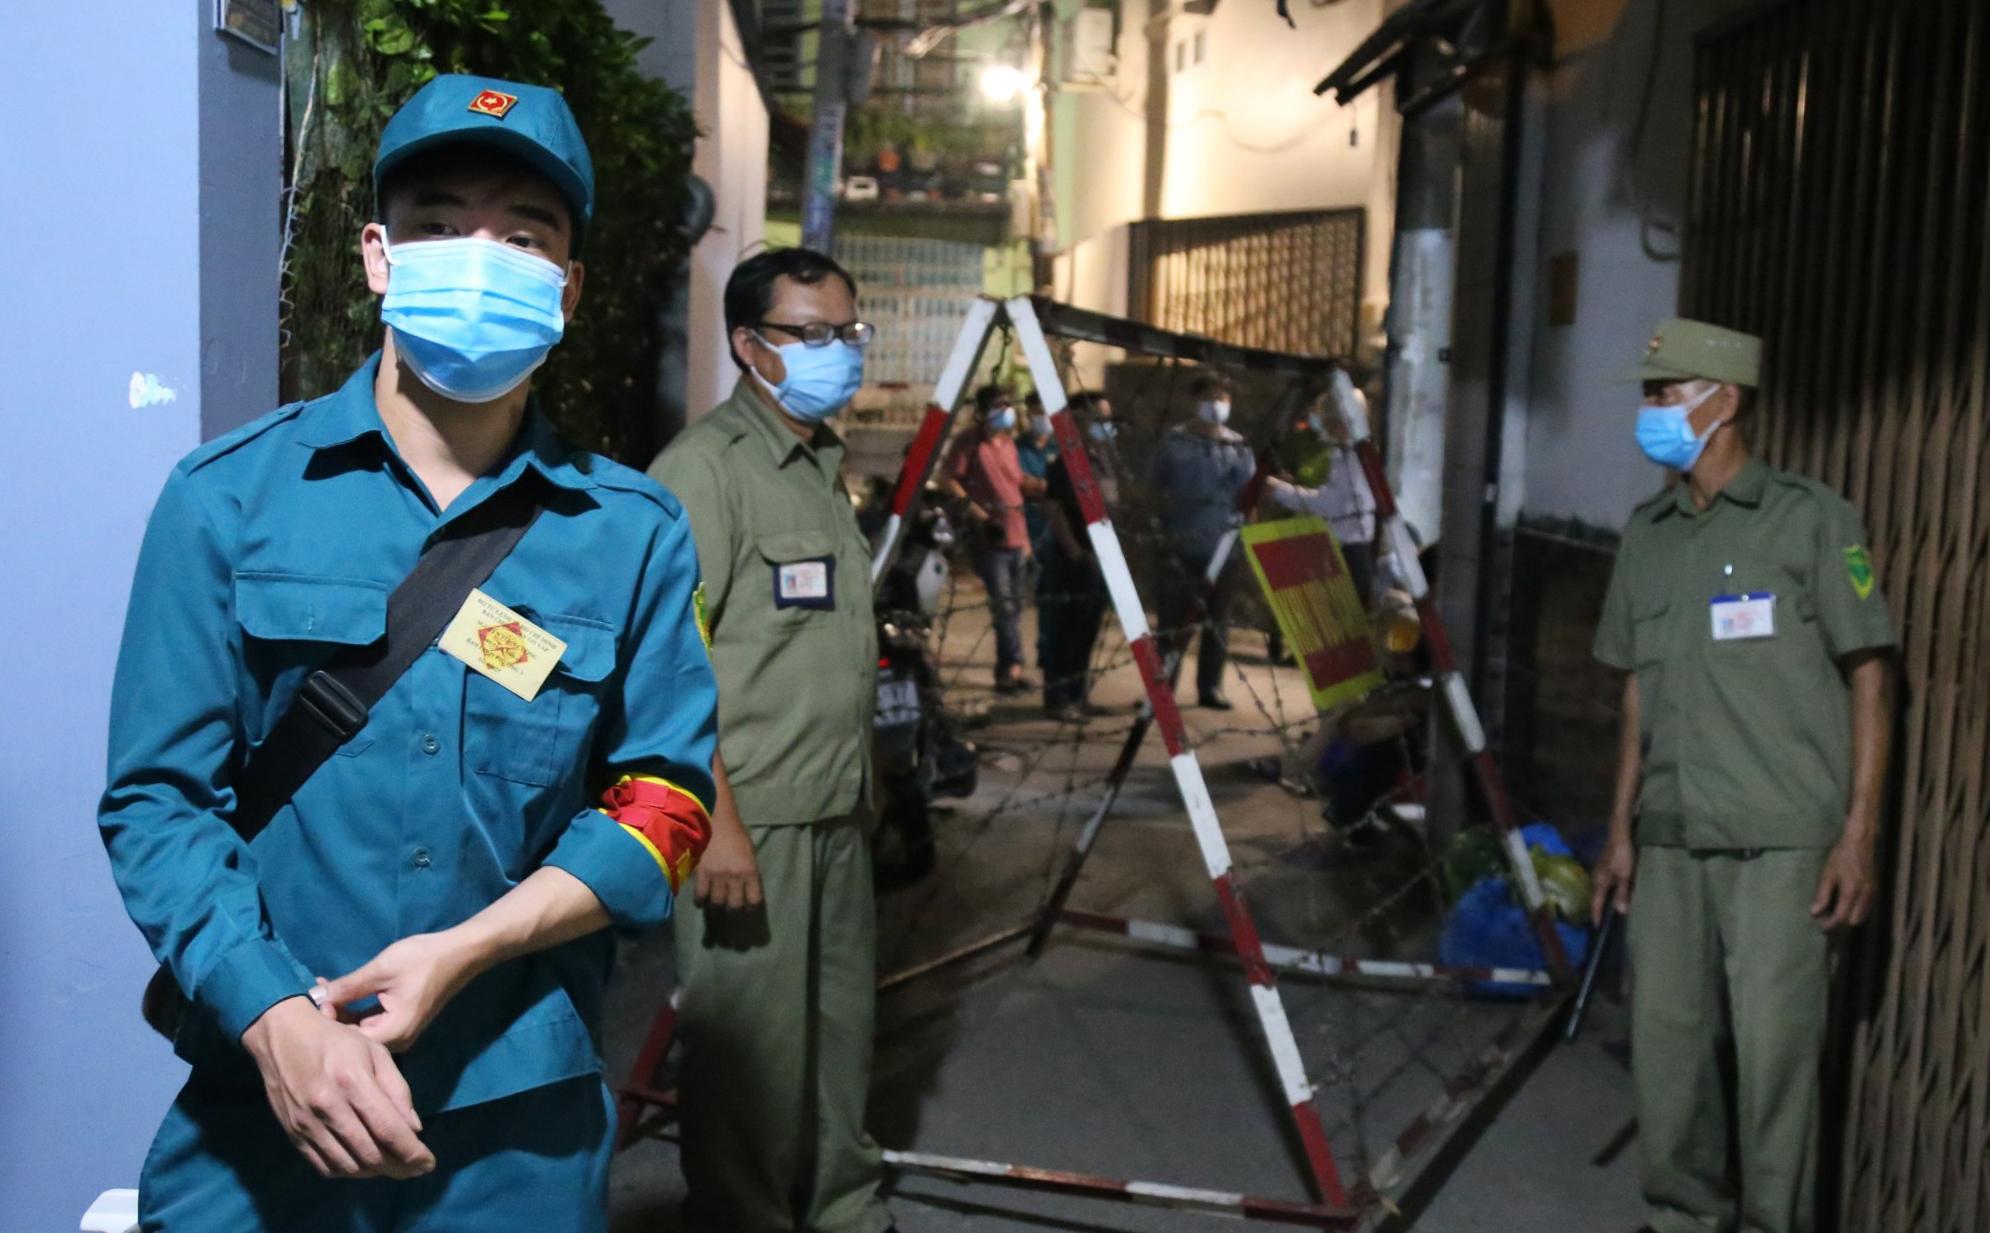 Cơ quan chức năng phong toả 3 lối vào của con hẻm trên đường Nguyễn Văn Công, rạng sáng 27/5. Ảnh: Đình Văn.